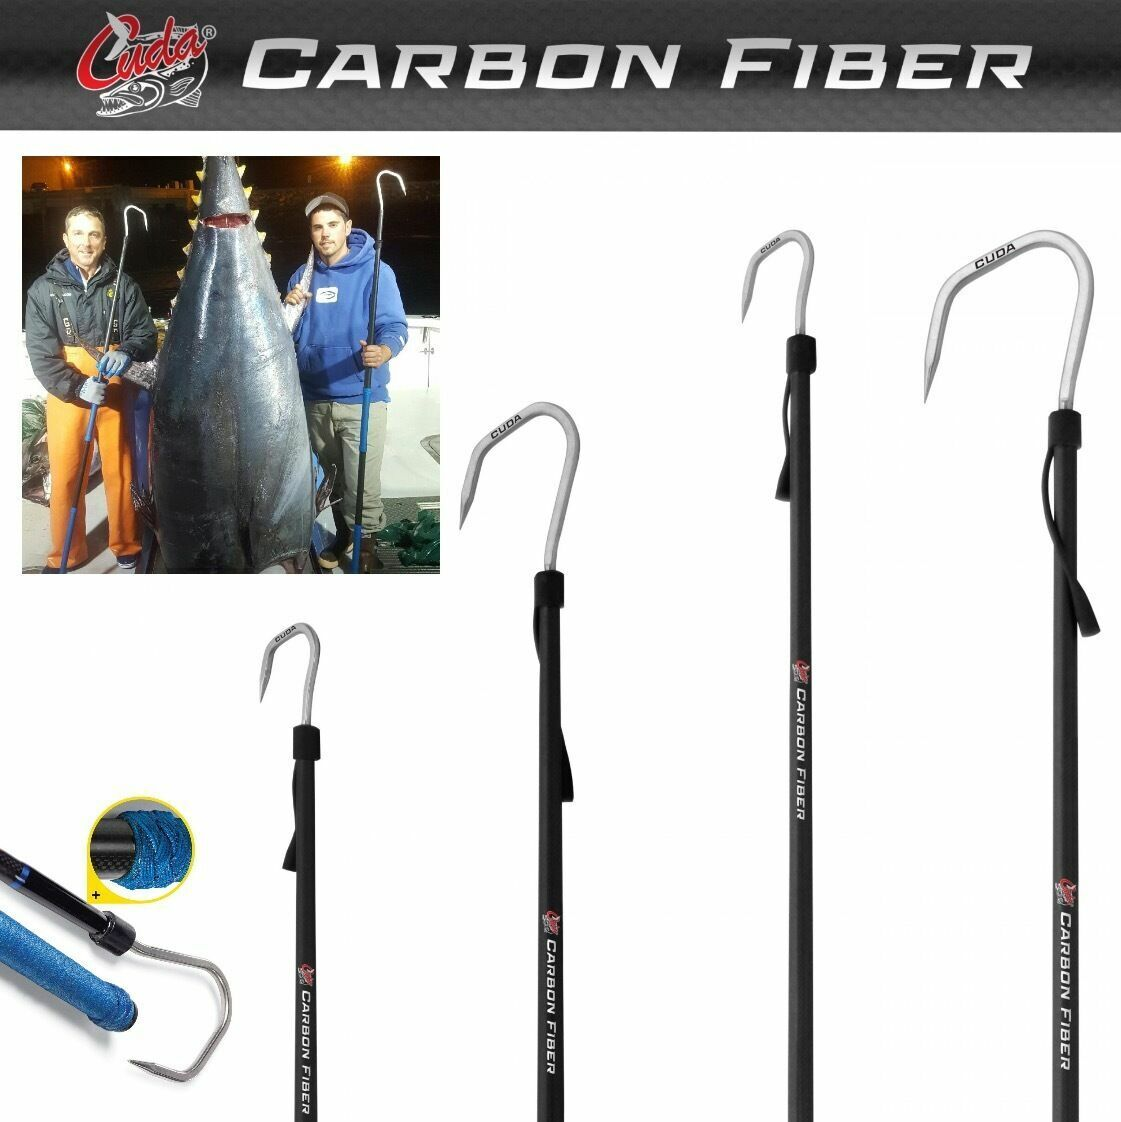 Cuda Ultimate Autobon Fiber Fishing Gaffs